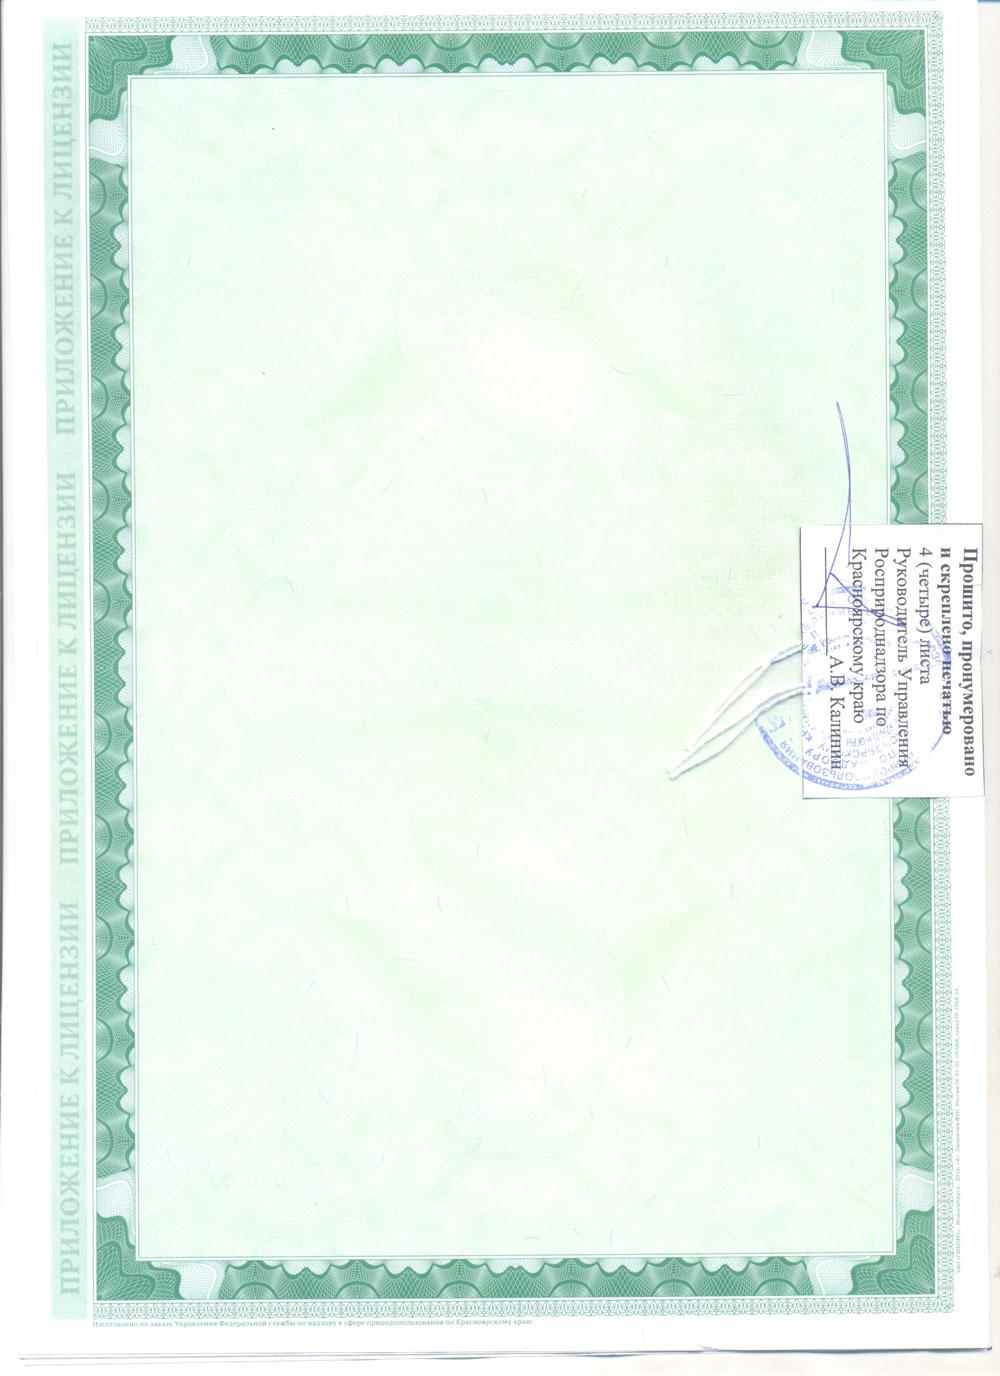 лицензия-ТБО-бессрочн-2016-8